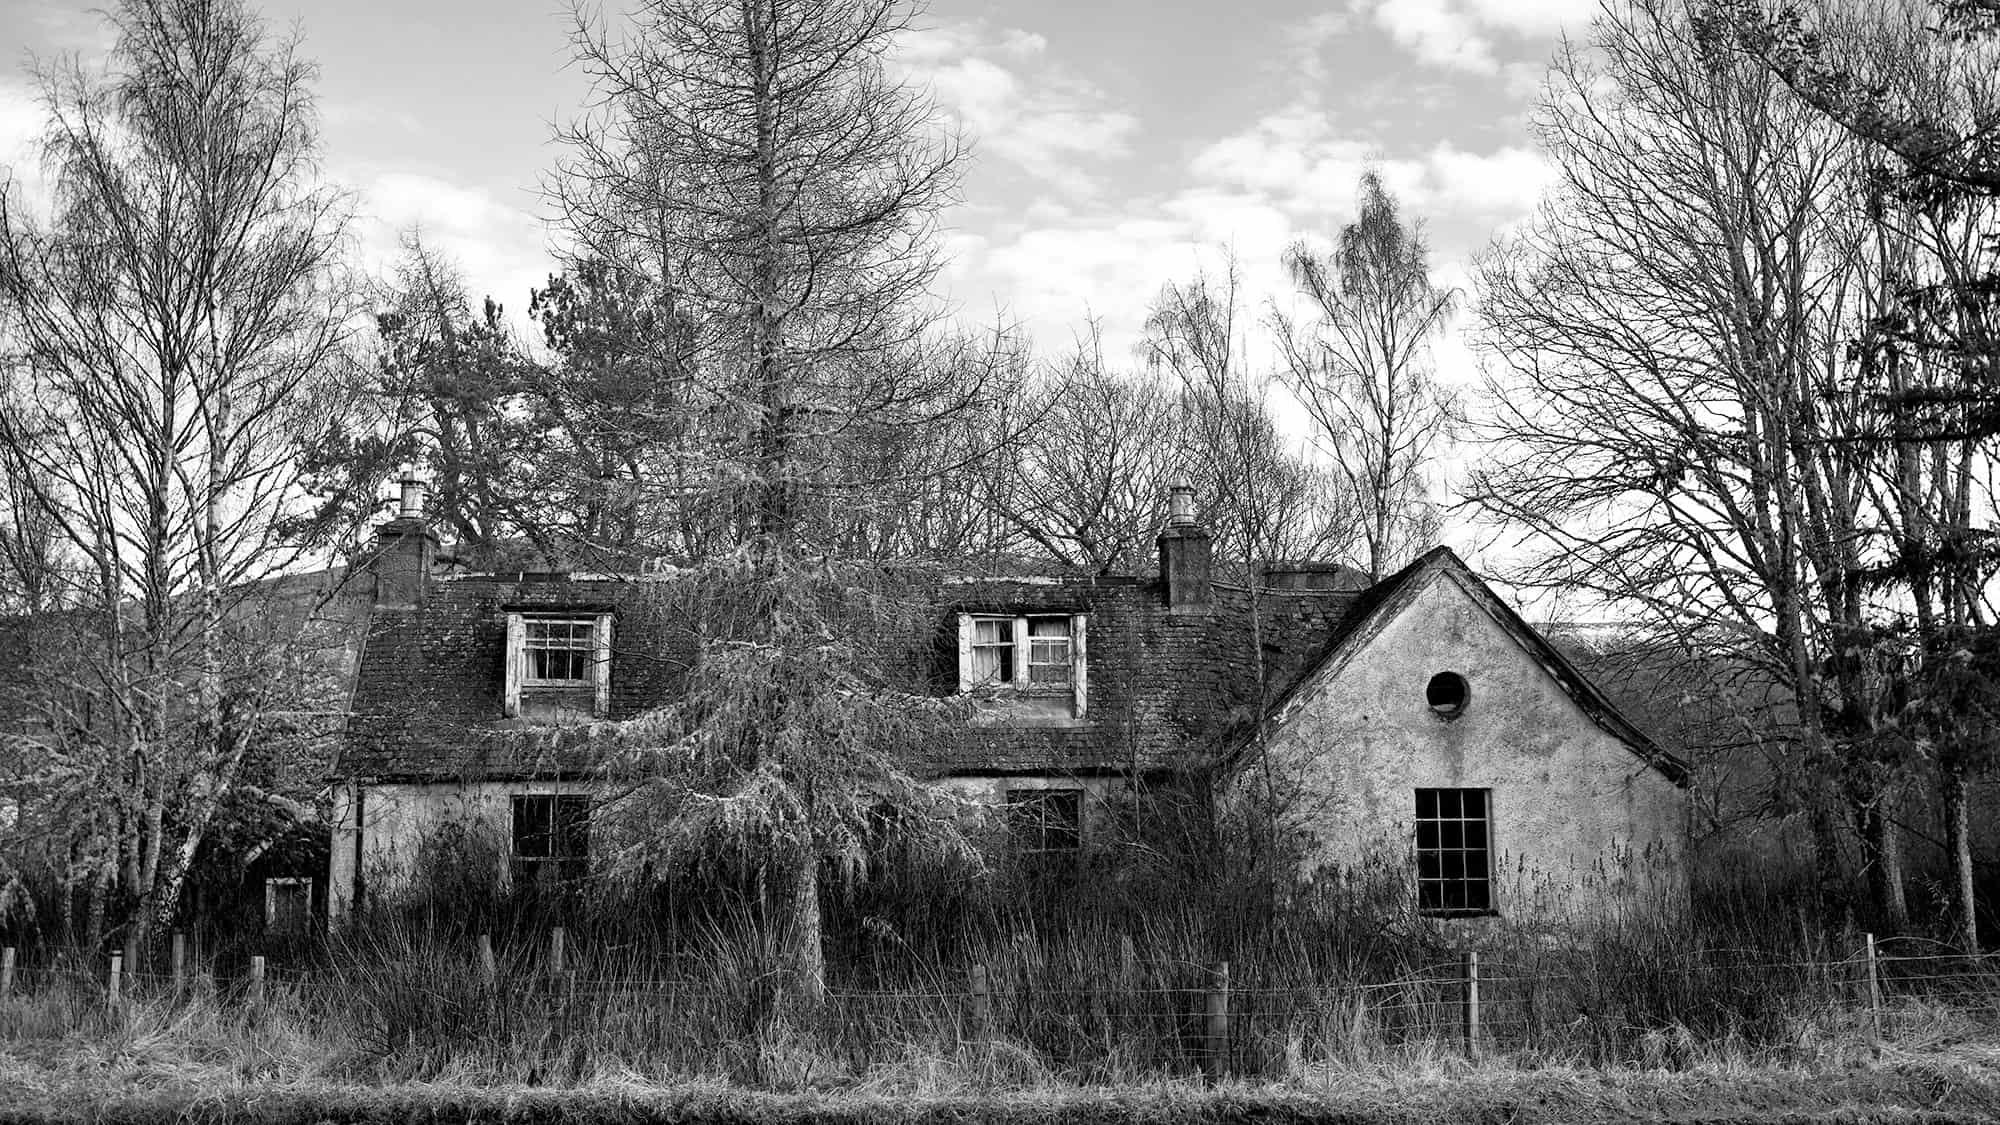 Inverness-shire, Scotland